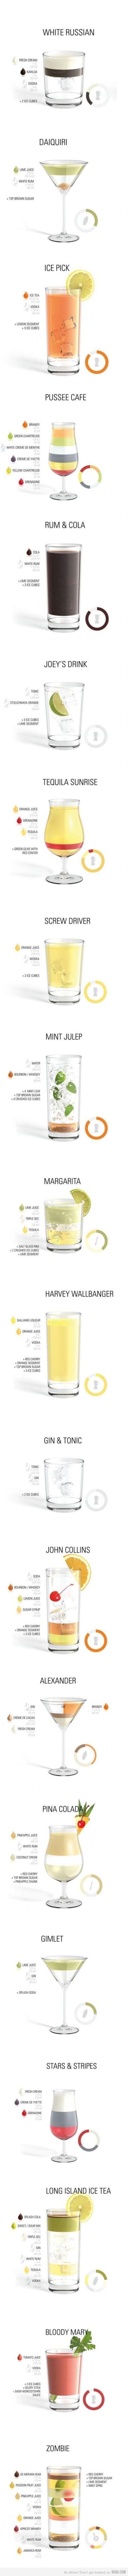 Визуални рецепти за коктейли